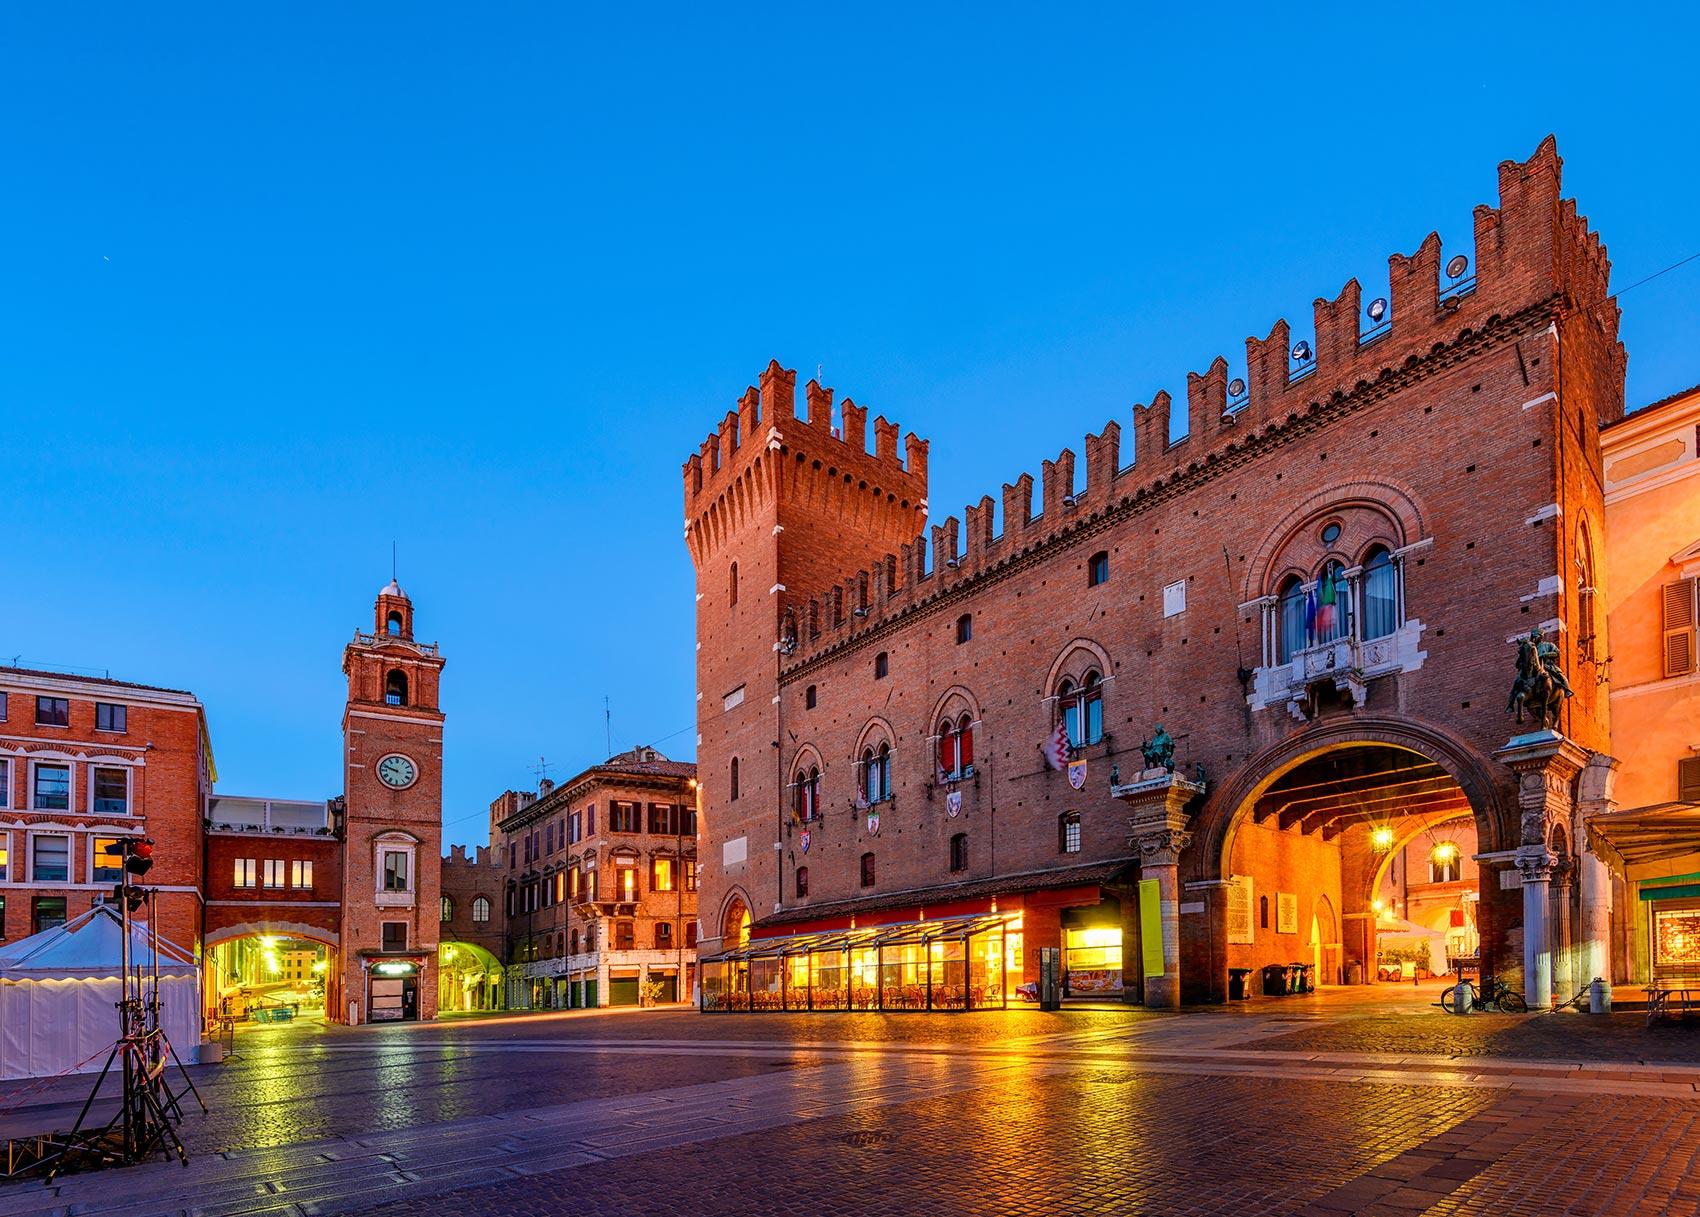 Centro storico di Ferrara, città natale di Vittorio Sgarbi